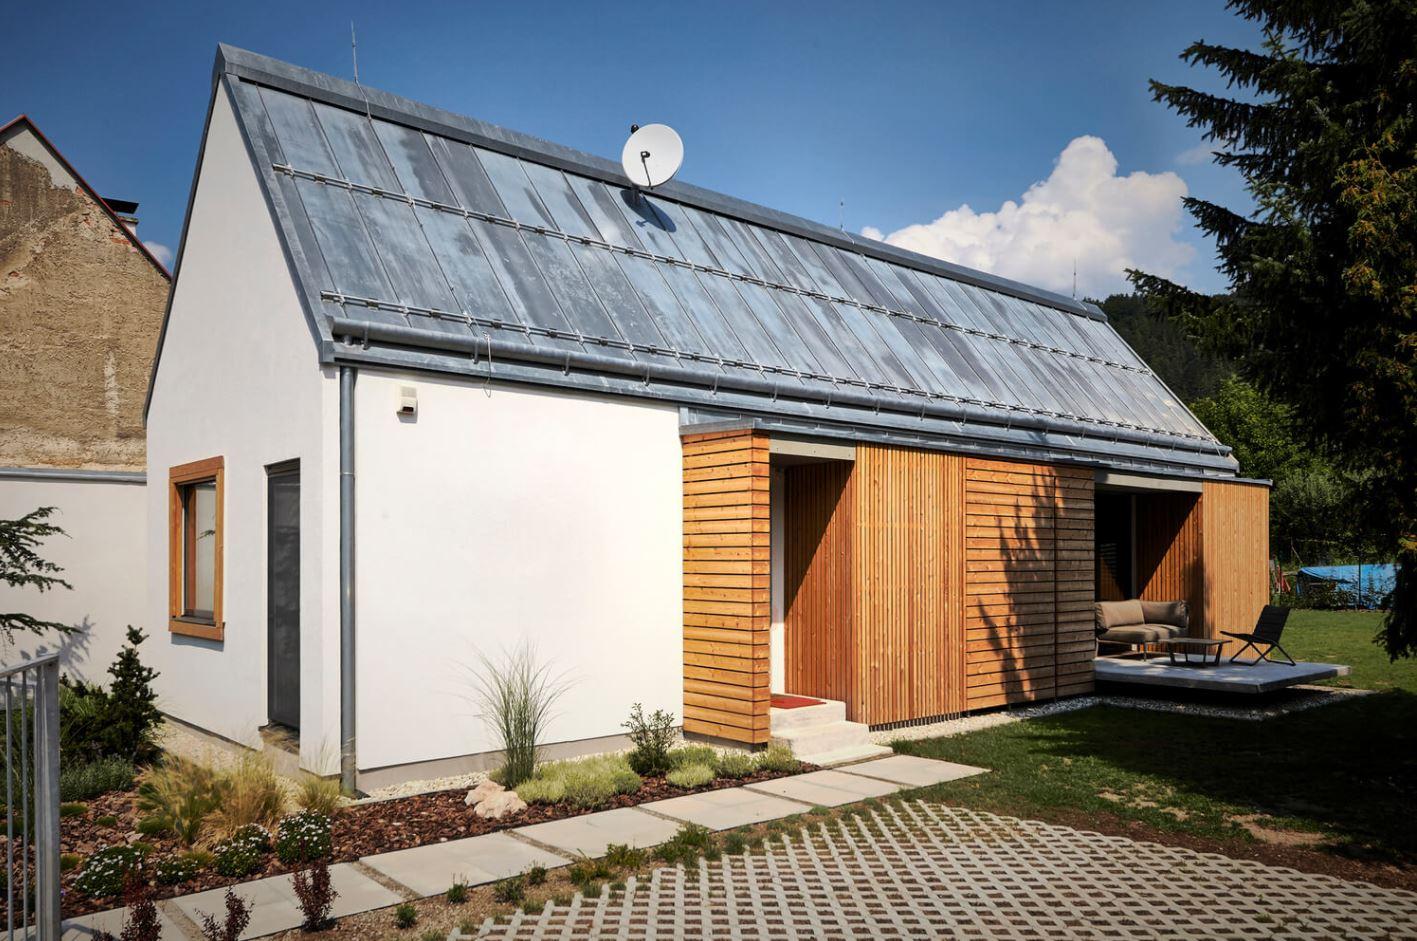 Fachadas de casas con techo a dos aguas for Terminaciones de techos interiores